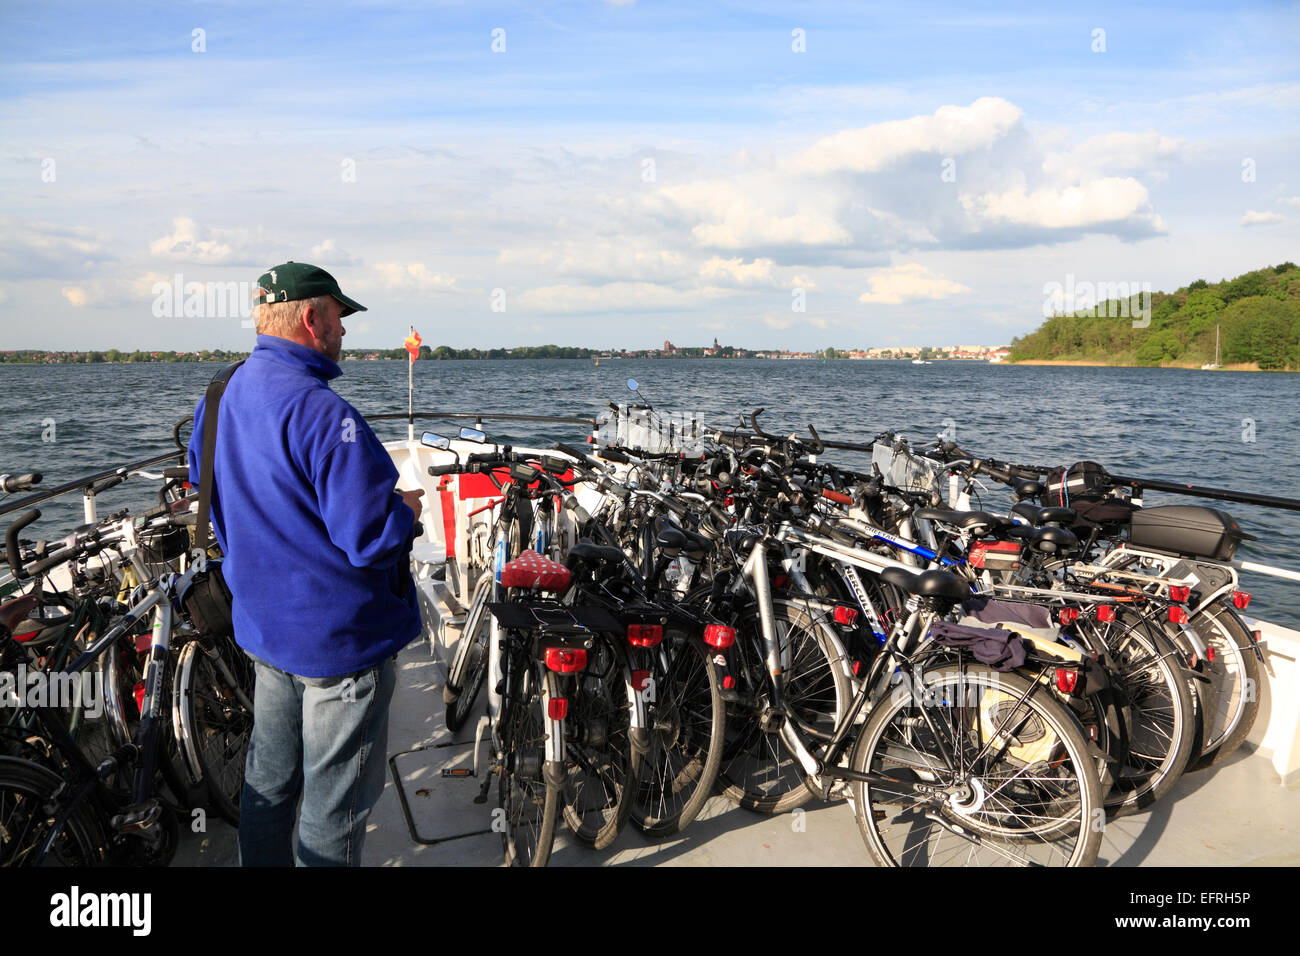 Tourist cruise ship on lake Mueritz, Mecklenburg Pomerania, Germany, Europe - Stock Image